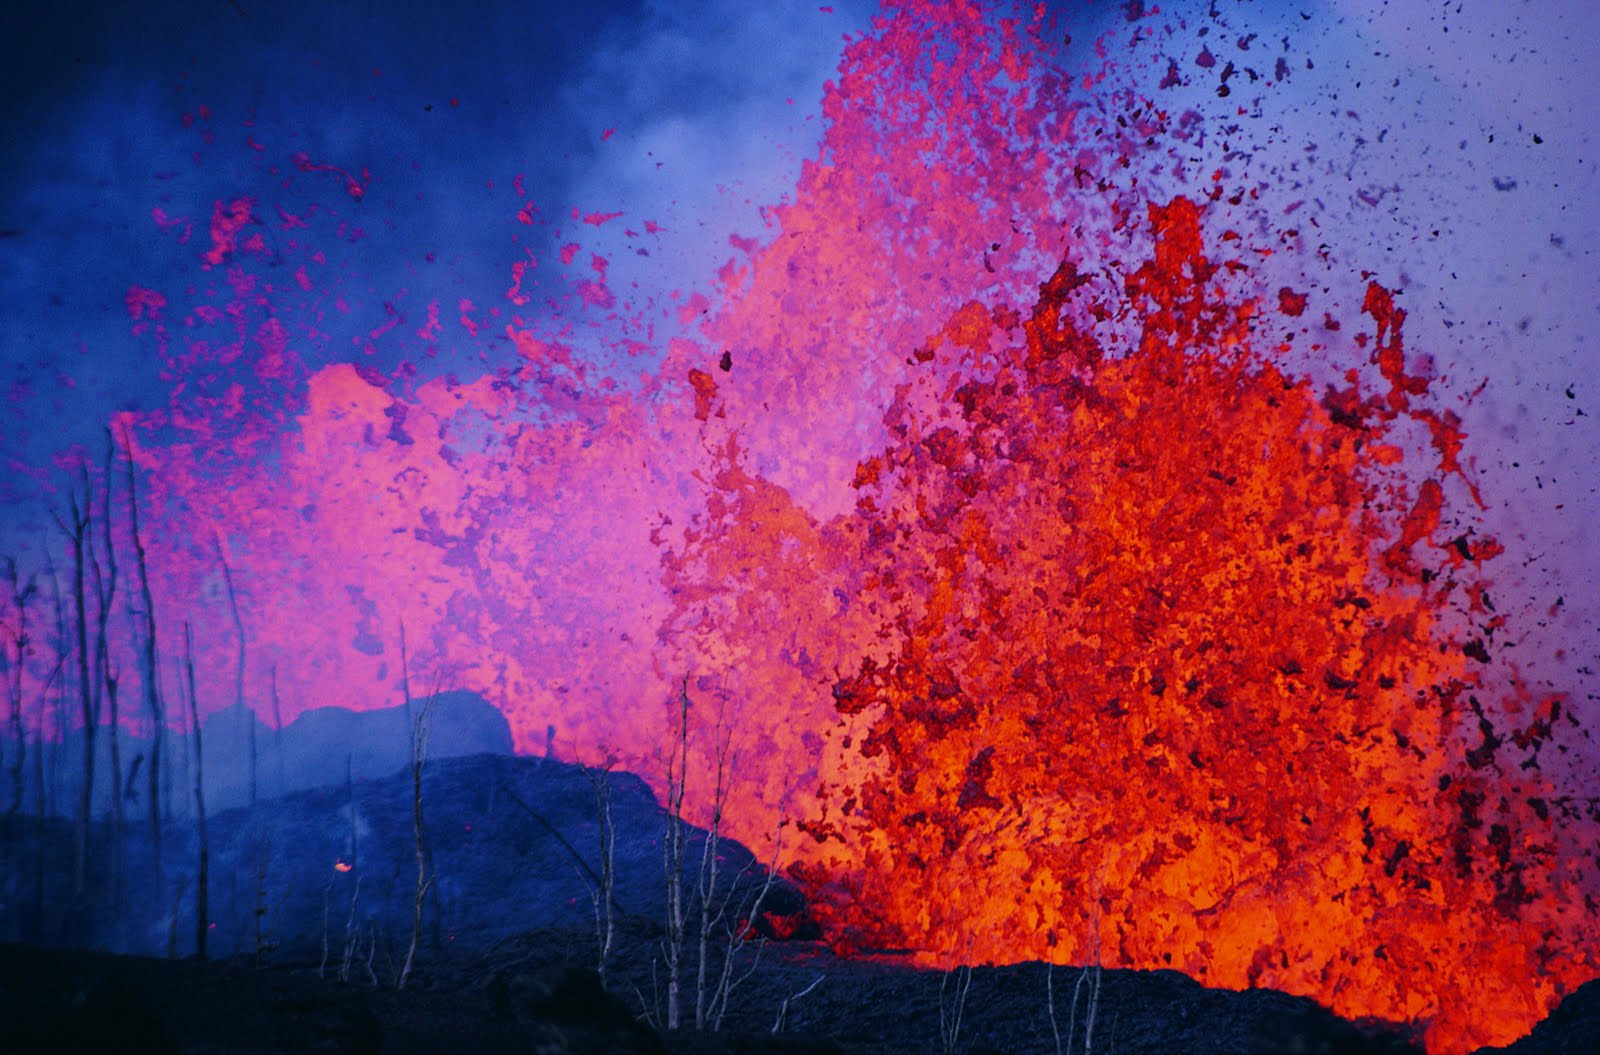 Nature Wallpapers for Desktop Volcano Wallpaper Widescreen 1600x1055